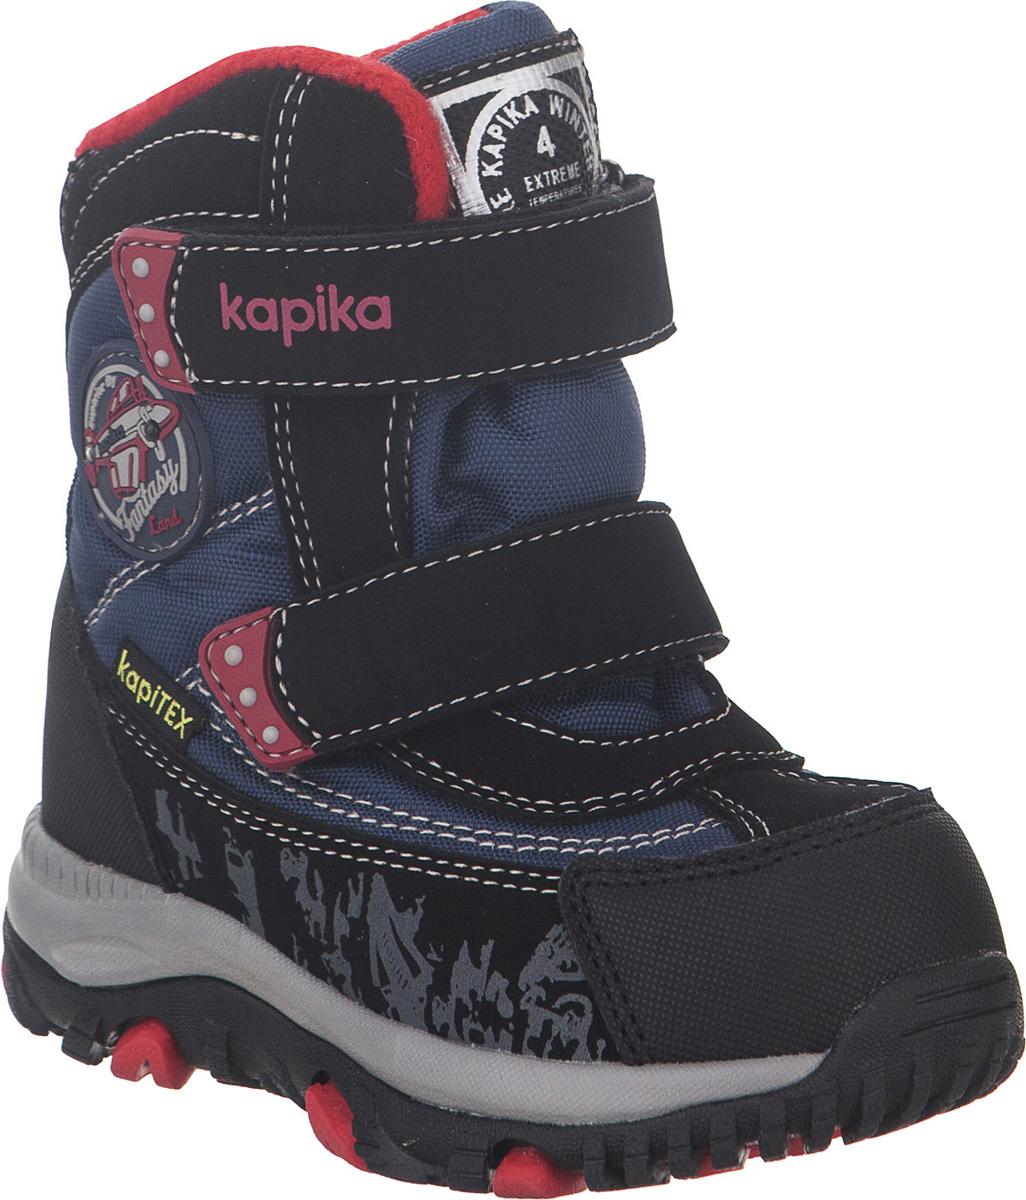 Ботинки для мальчика Kapika KapiTEX, цвет: черный, синий, красный. 41237-2. Размер 23